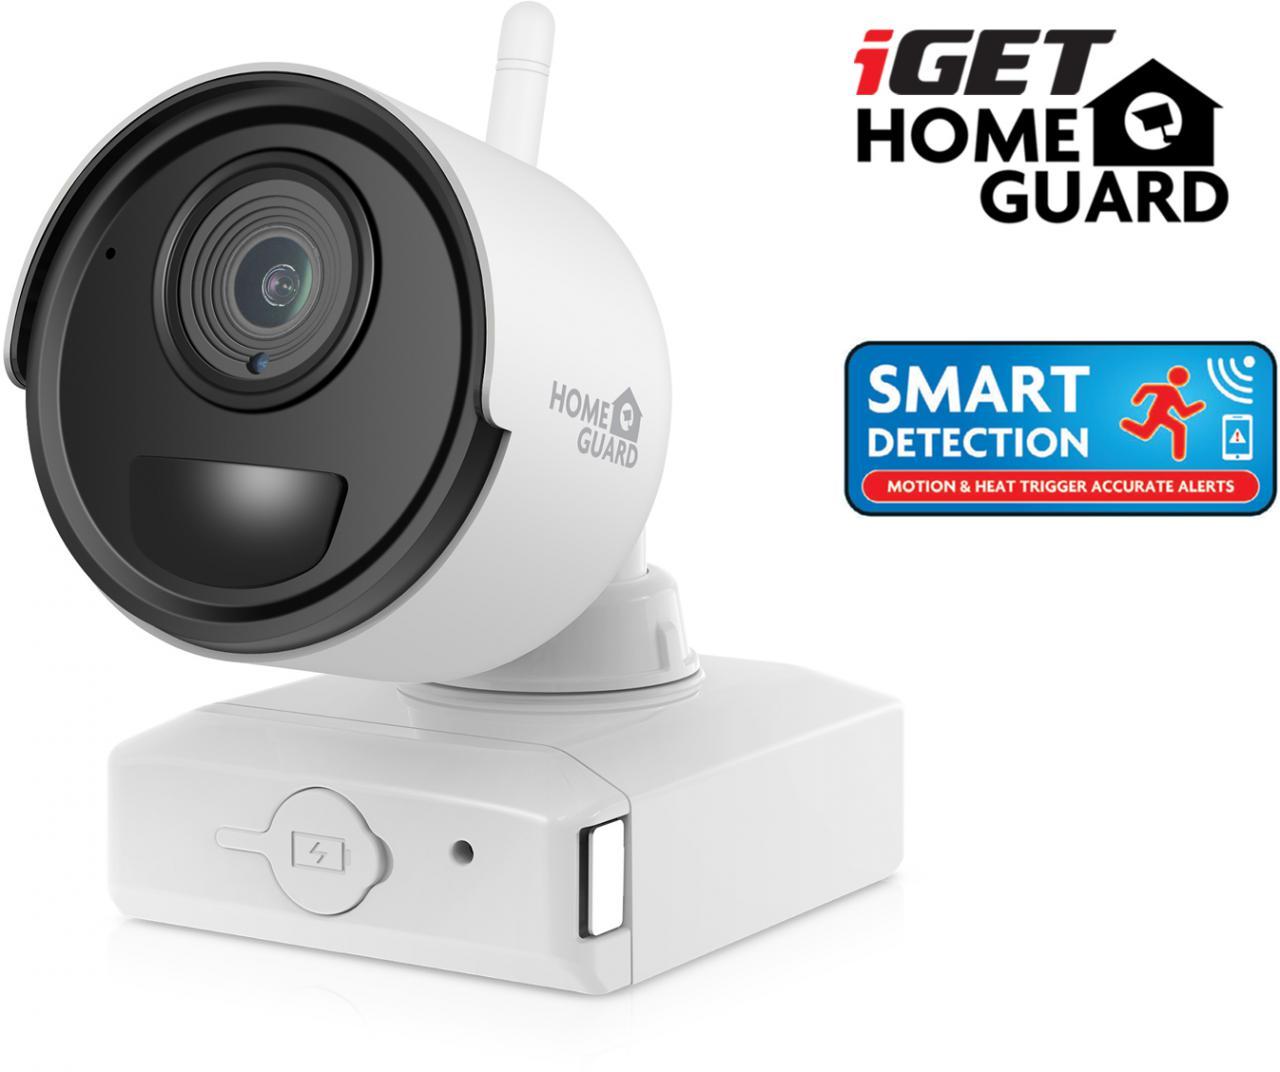 IGET HGNVK686CAM - bateriová bezdrátová WiFi FullHD 1080p kamera pro set HGNVK68004, 8700 mAh (HGNVK686CAM)